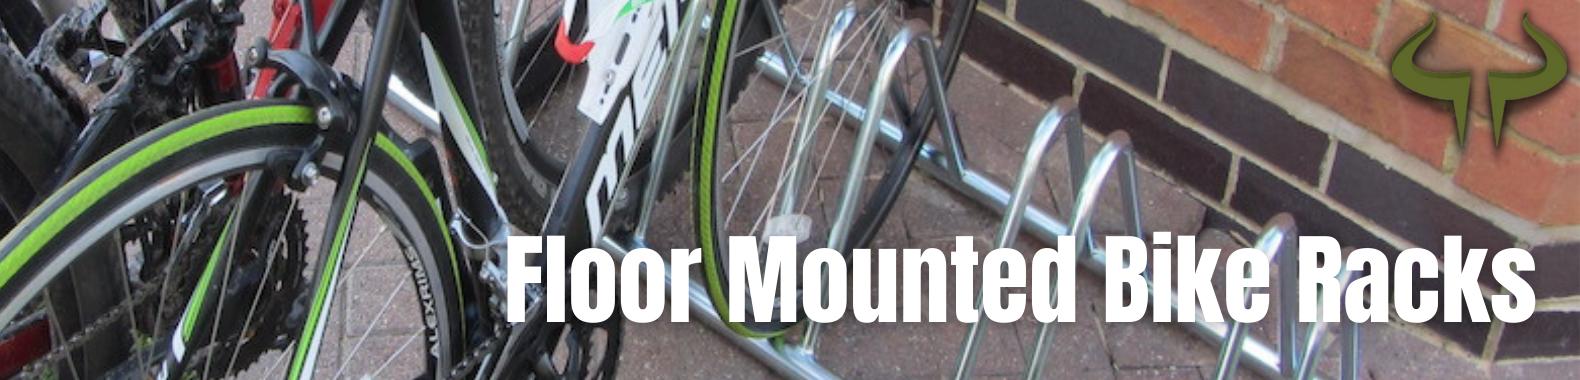 bison products floor mounted bike racks